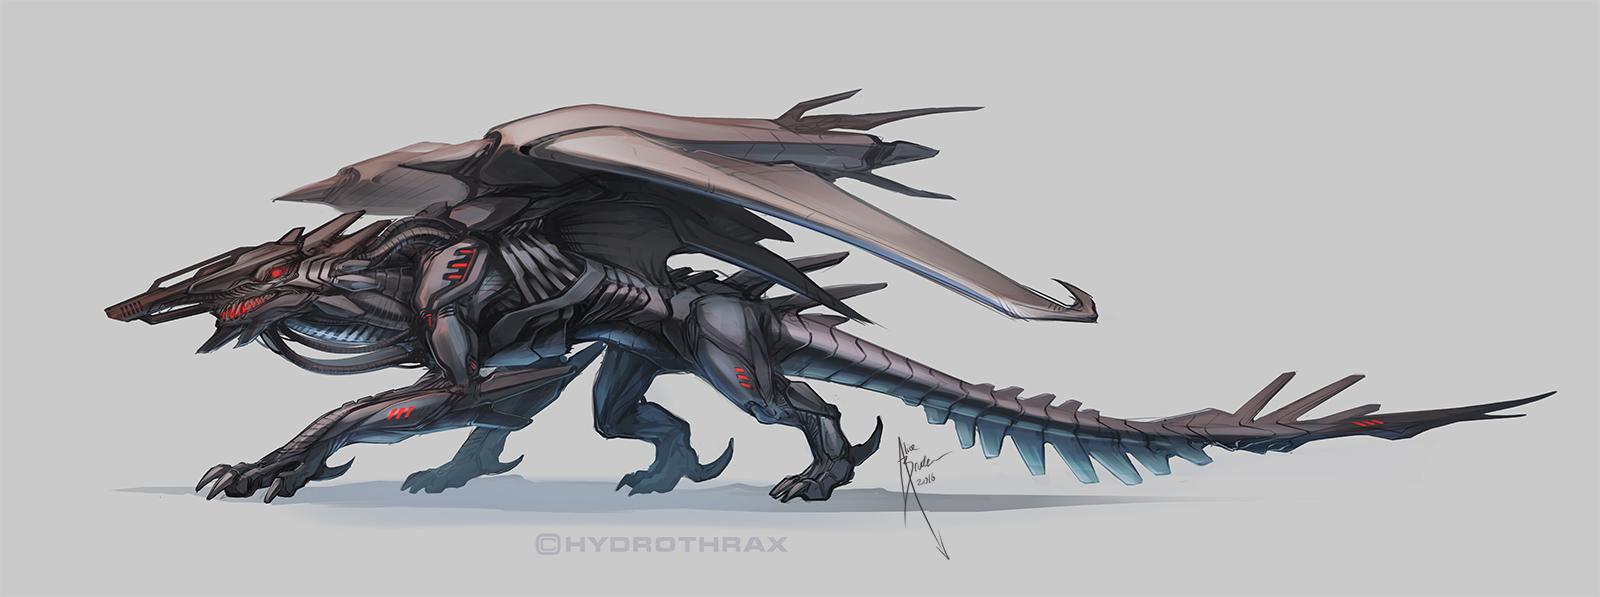 Gunface Dragonmech-1600.jpg